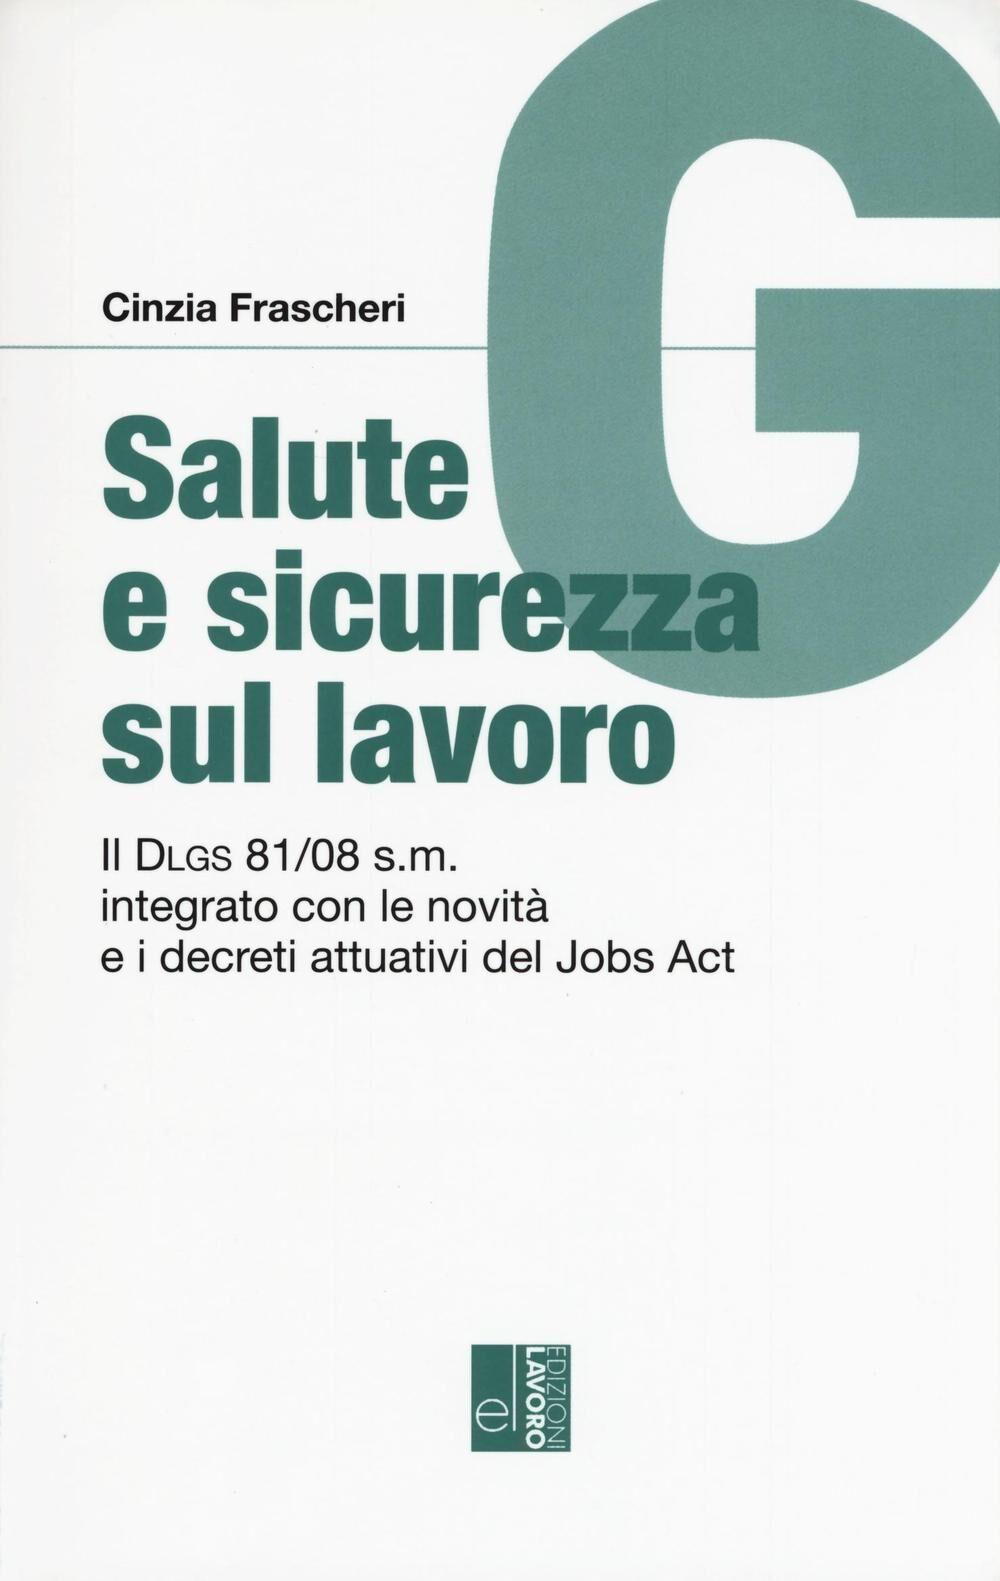 Salute e sicurezza sul lavoro. Il Dlgs 81/08 s.m. integrato con le novità e i decreti attuativi del Jobs Act